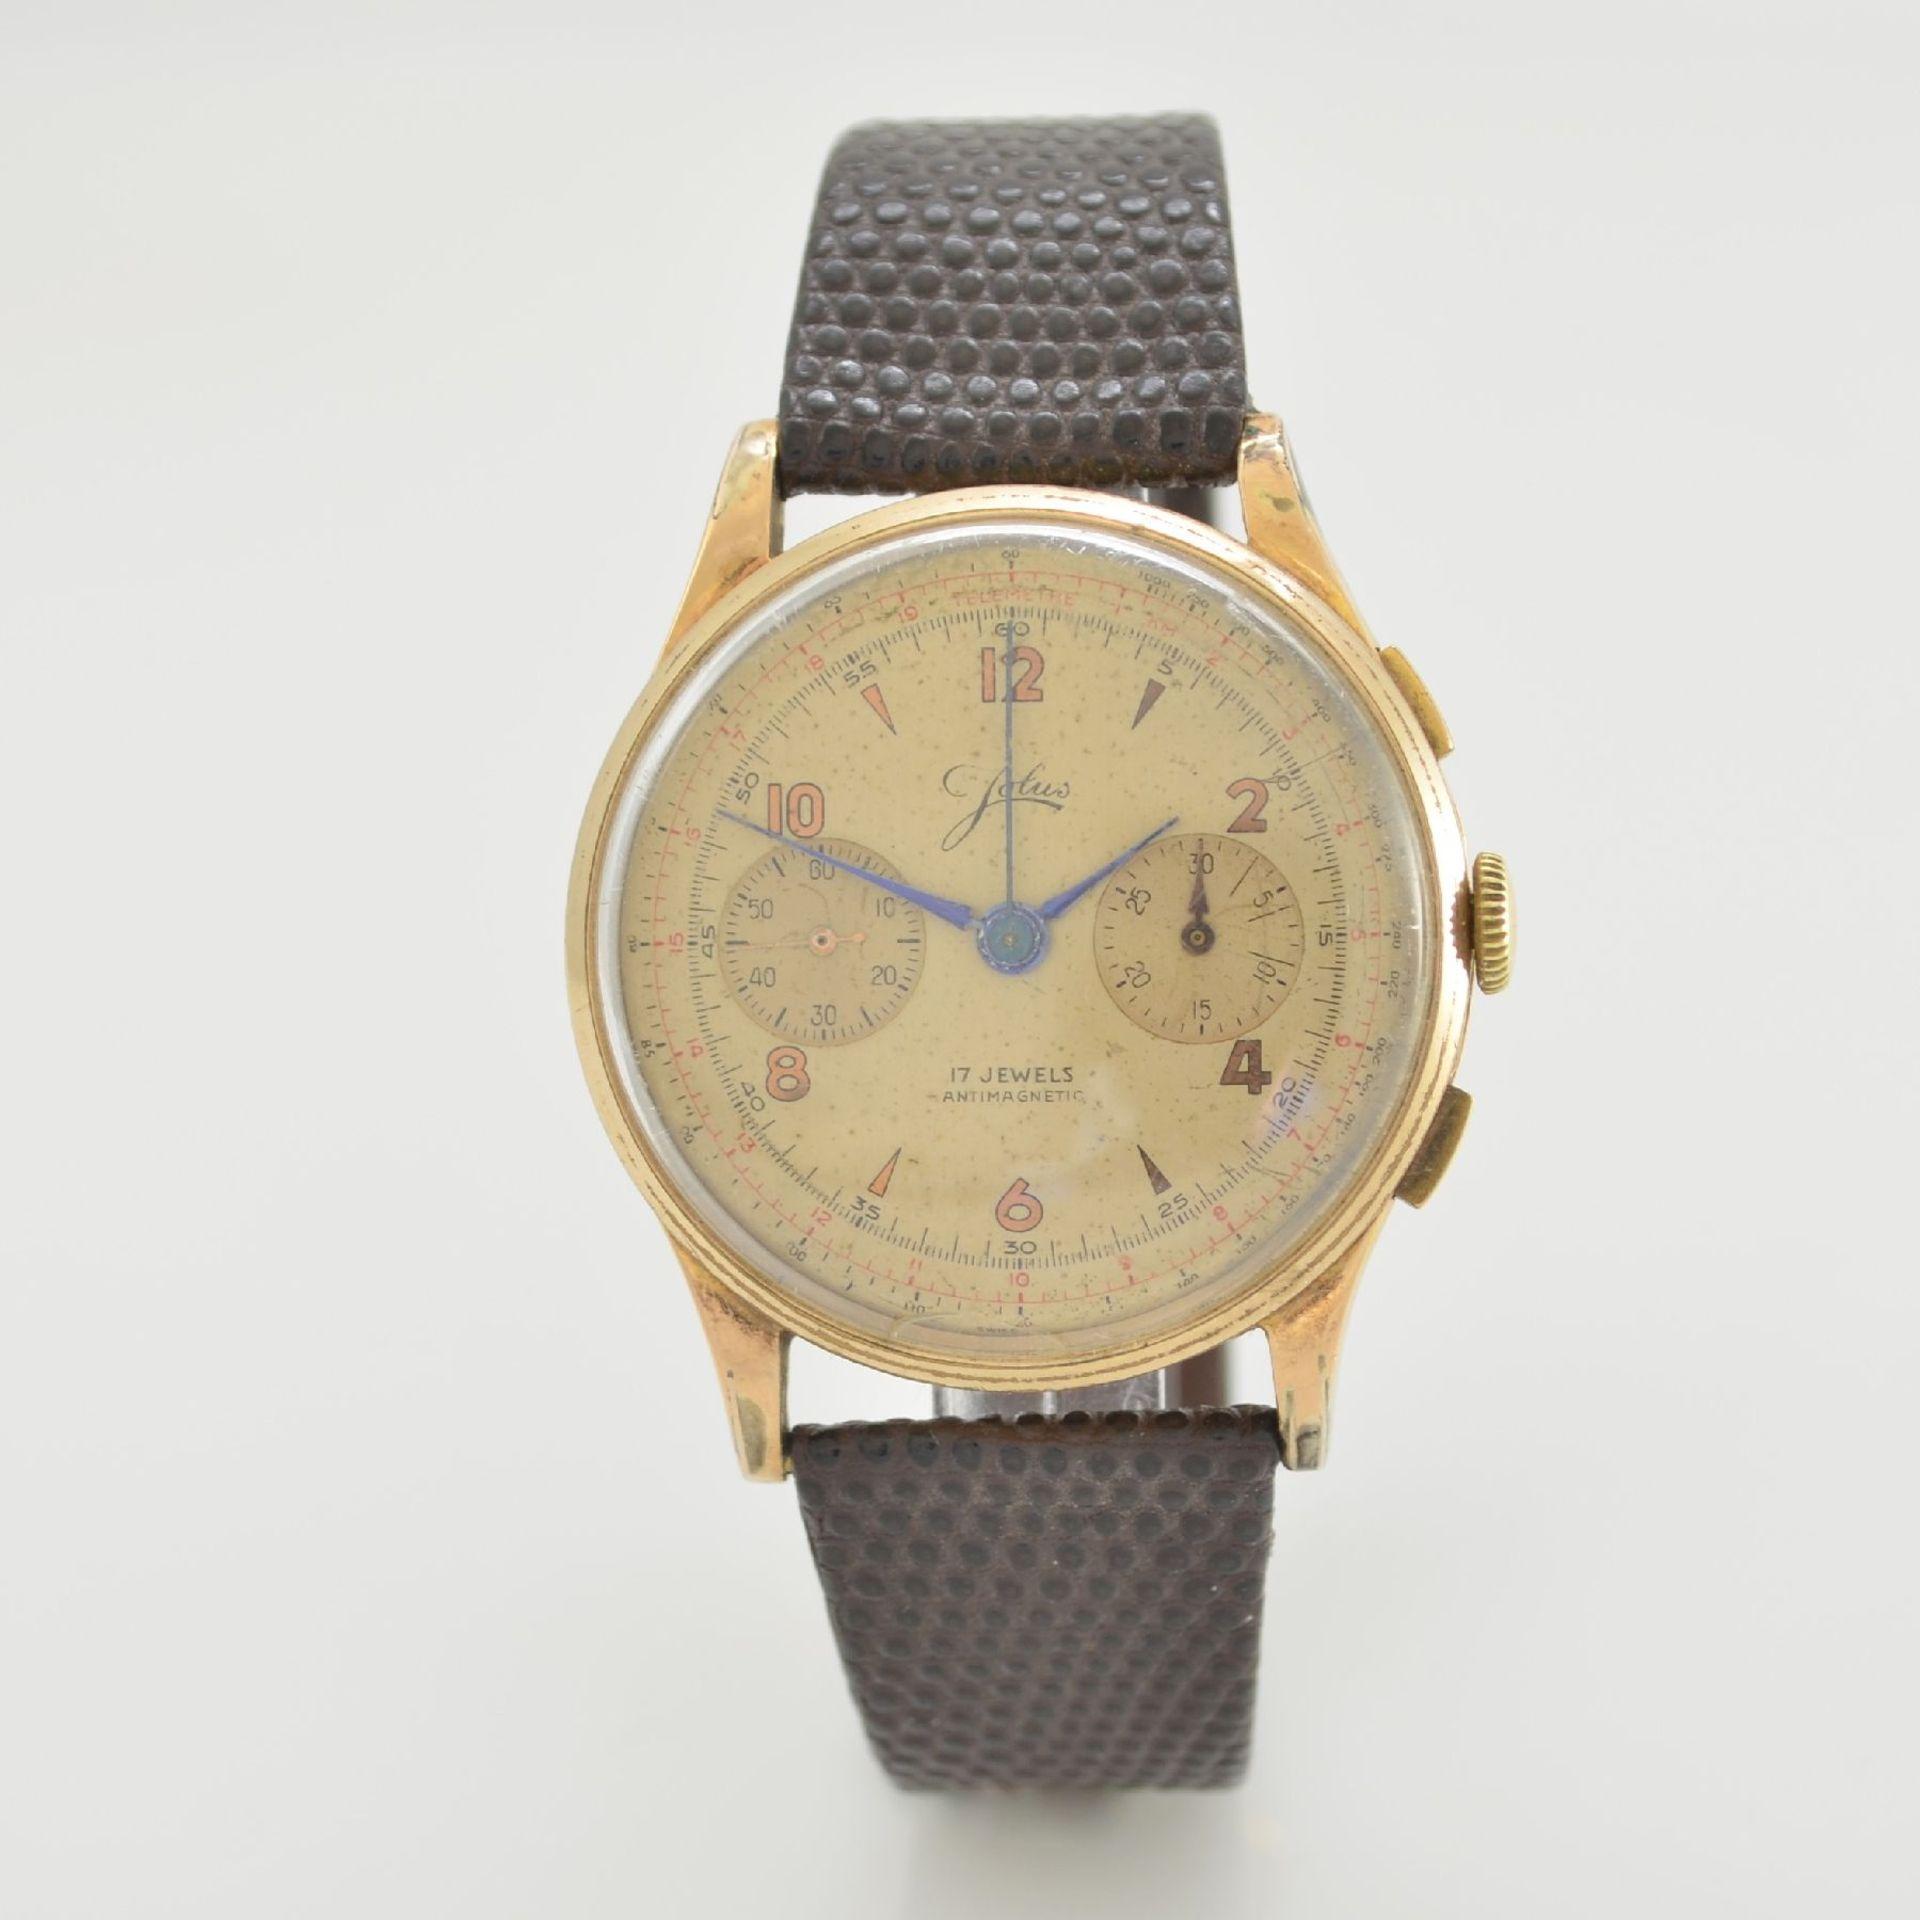 JOLUS Armbandchronograph in RoseG 750/000, Handaufzug, Schweiz um 1948, Boden & verg. Glasrand - Bild 4 aus 8